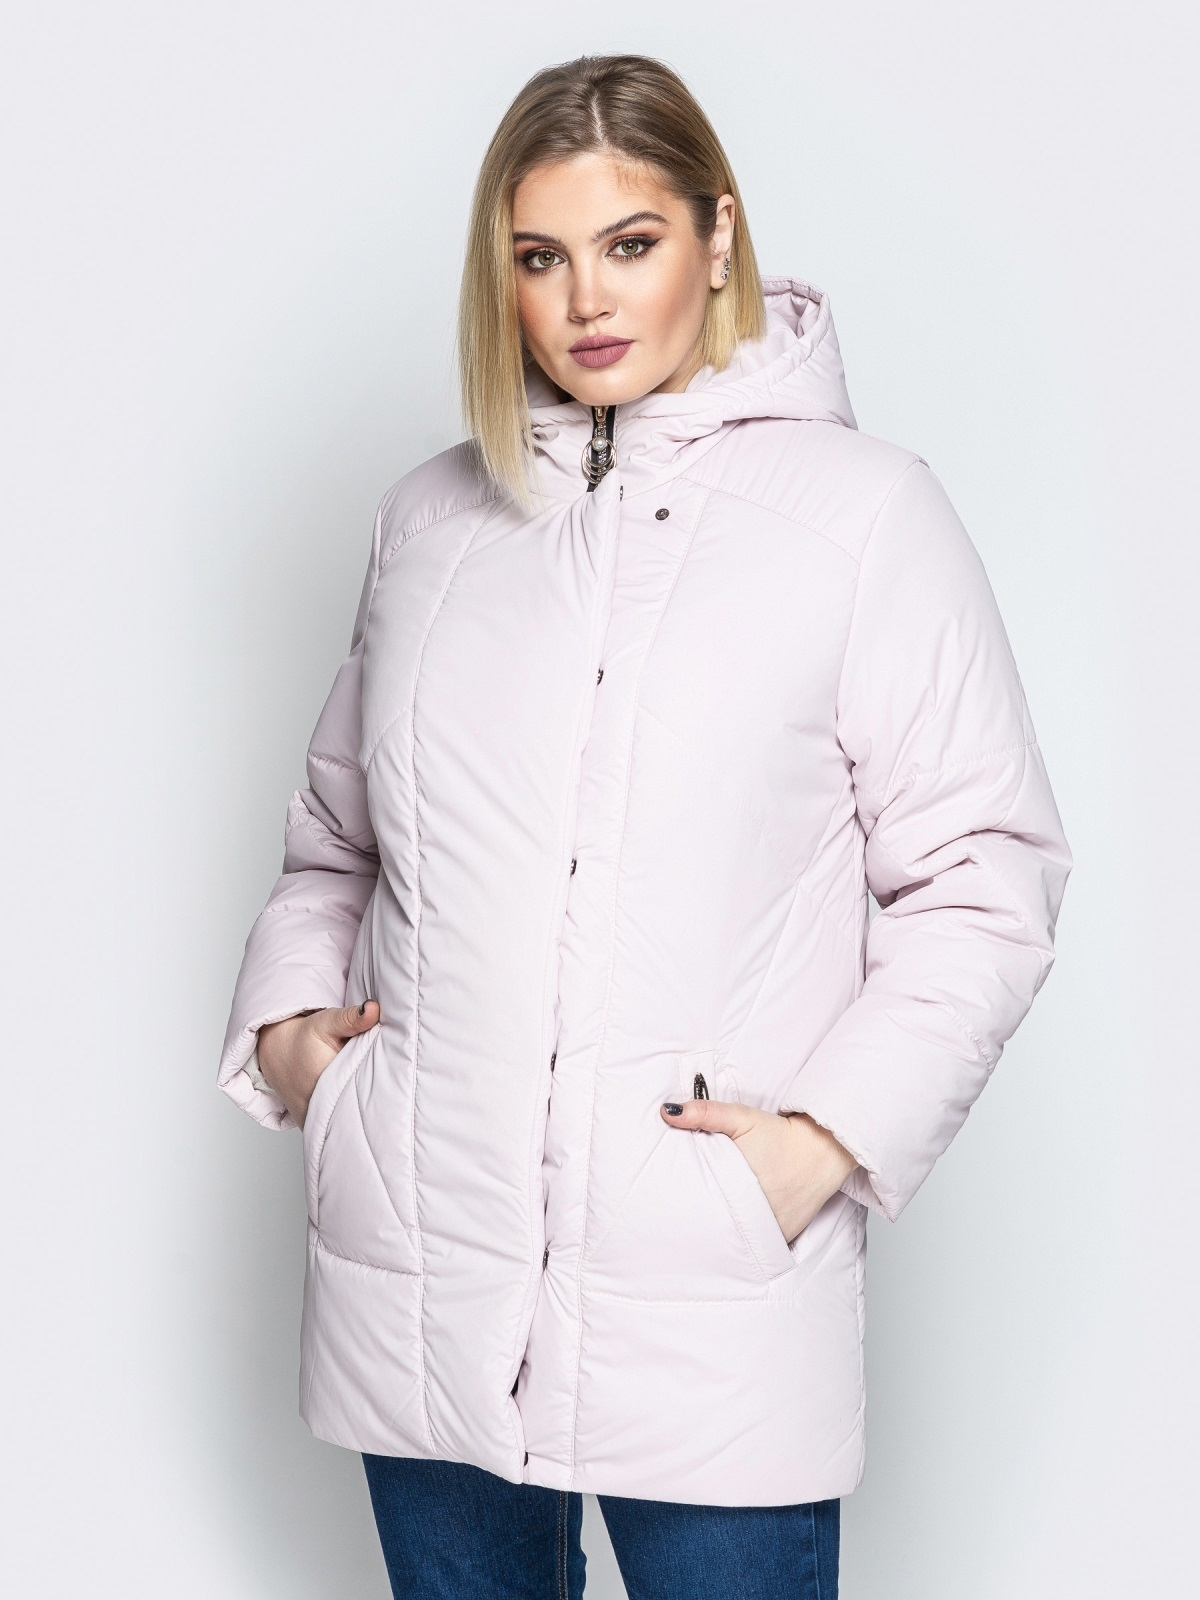 Розовая куртка с капюшоном и нахлёстом на кнопках - 20082, фото 1 – интернет-магазин Dressa